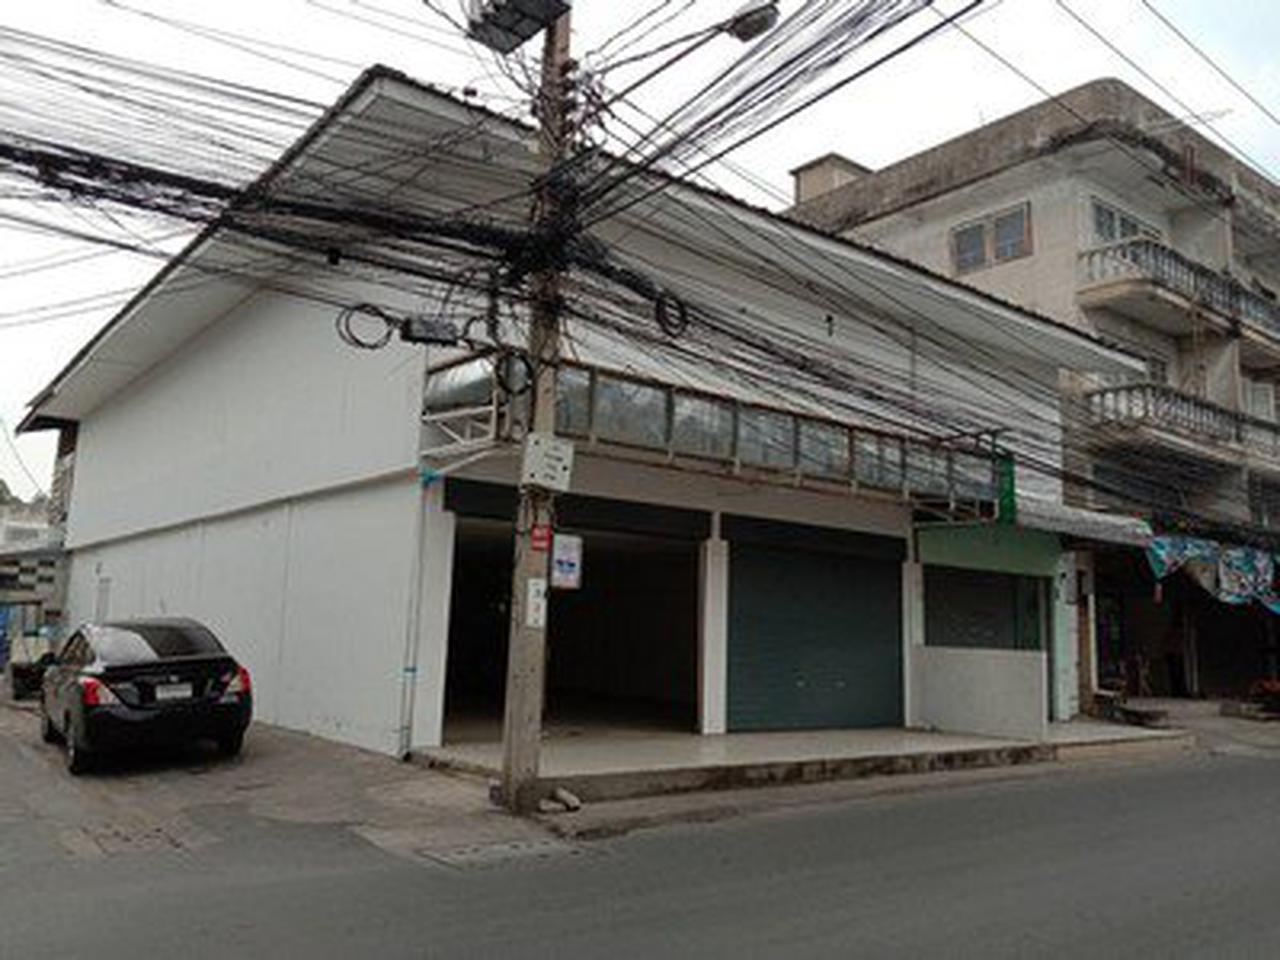 ให้เช่าอาคารพาณิชย์ 4 คูหา  2 ชั้น ถนนพหลโยธิน54/1 รูปที่ 6